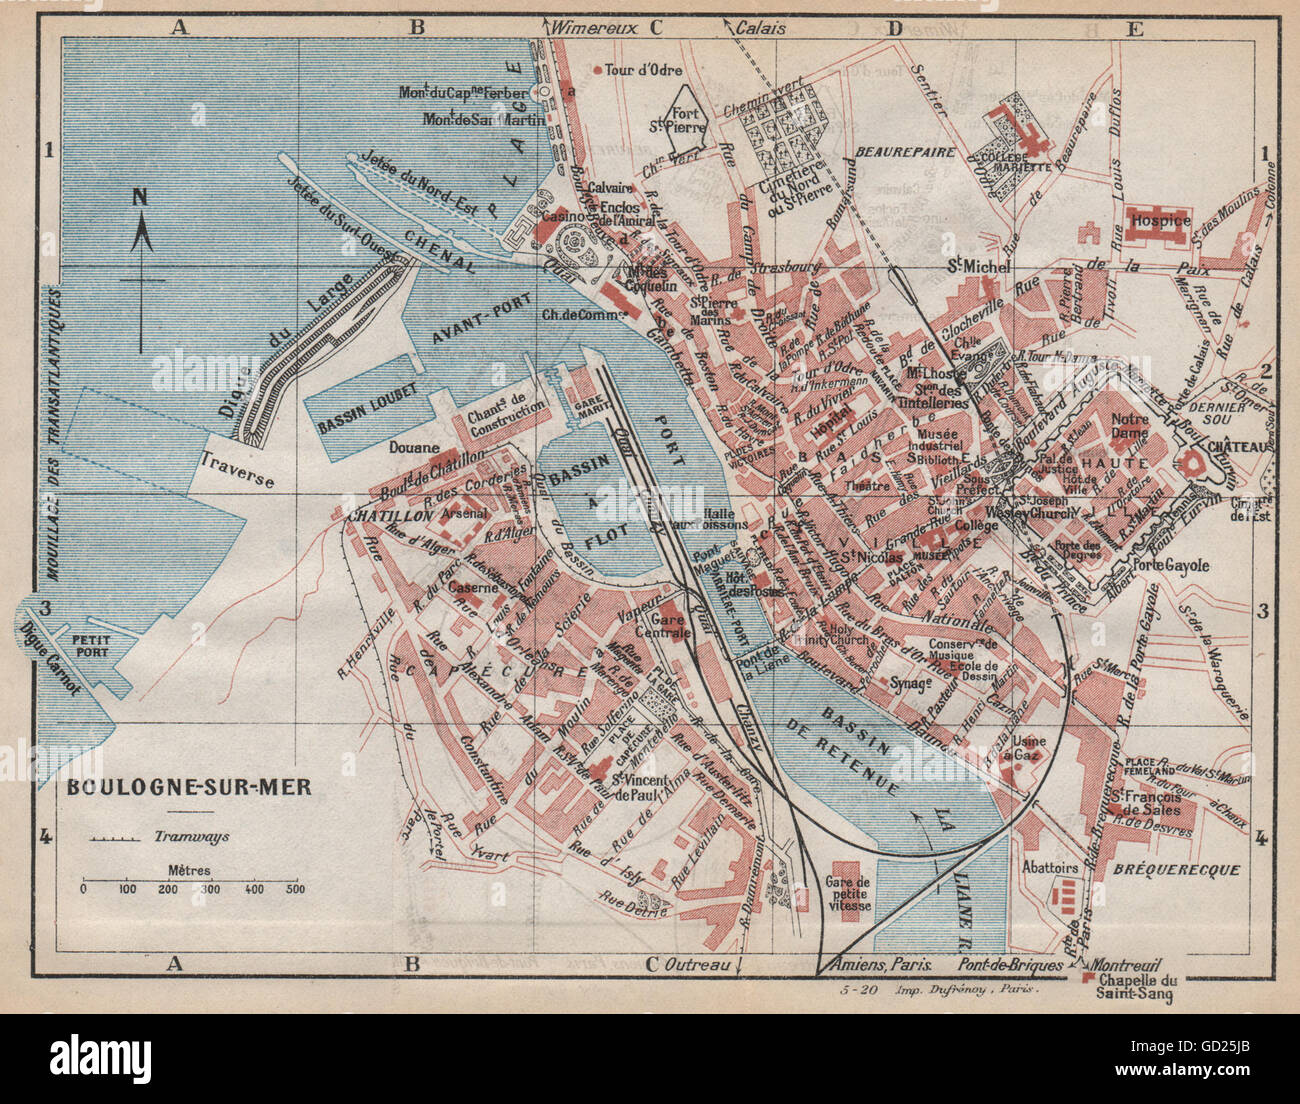 BOULOGNE-SUR-MER. Vintage town city ville map plan carte Stock Photo - Alamy